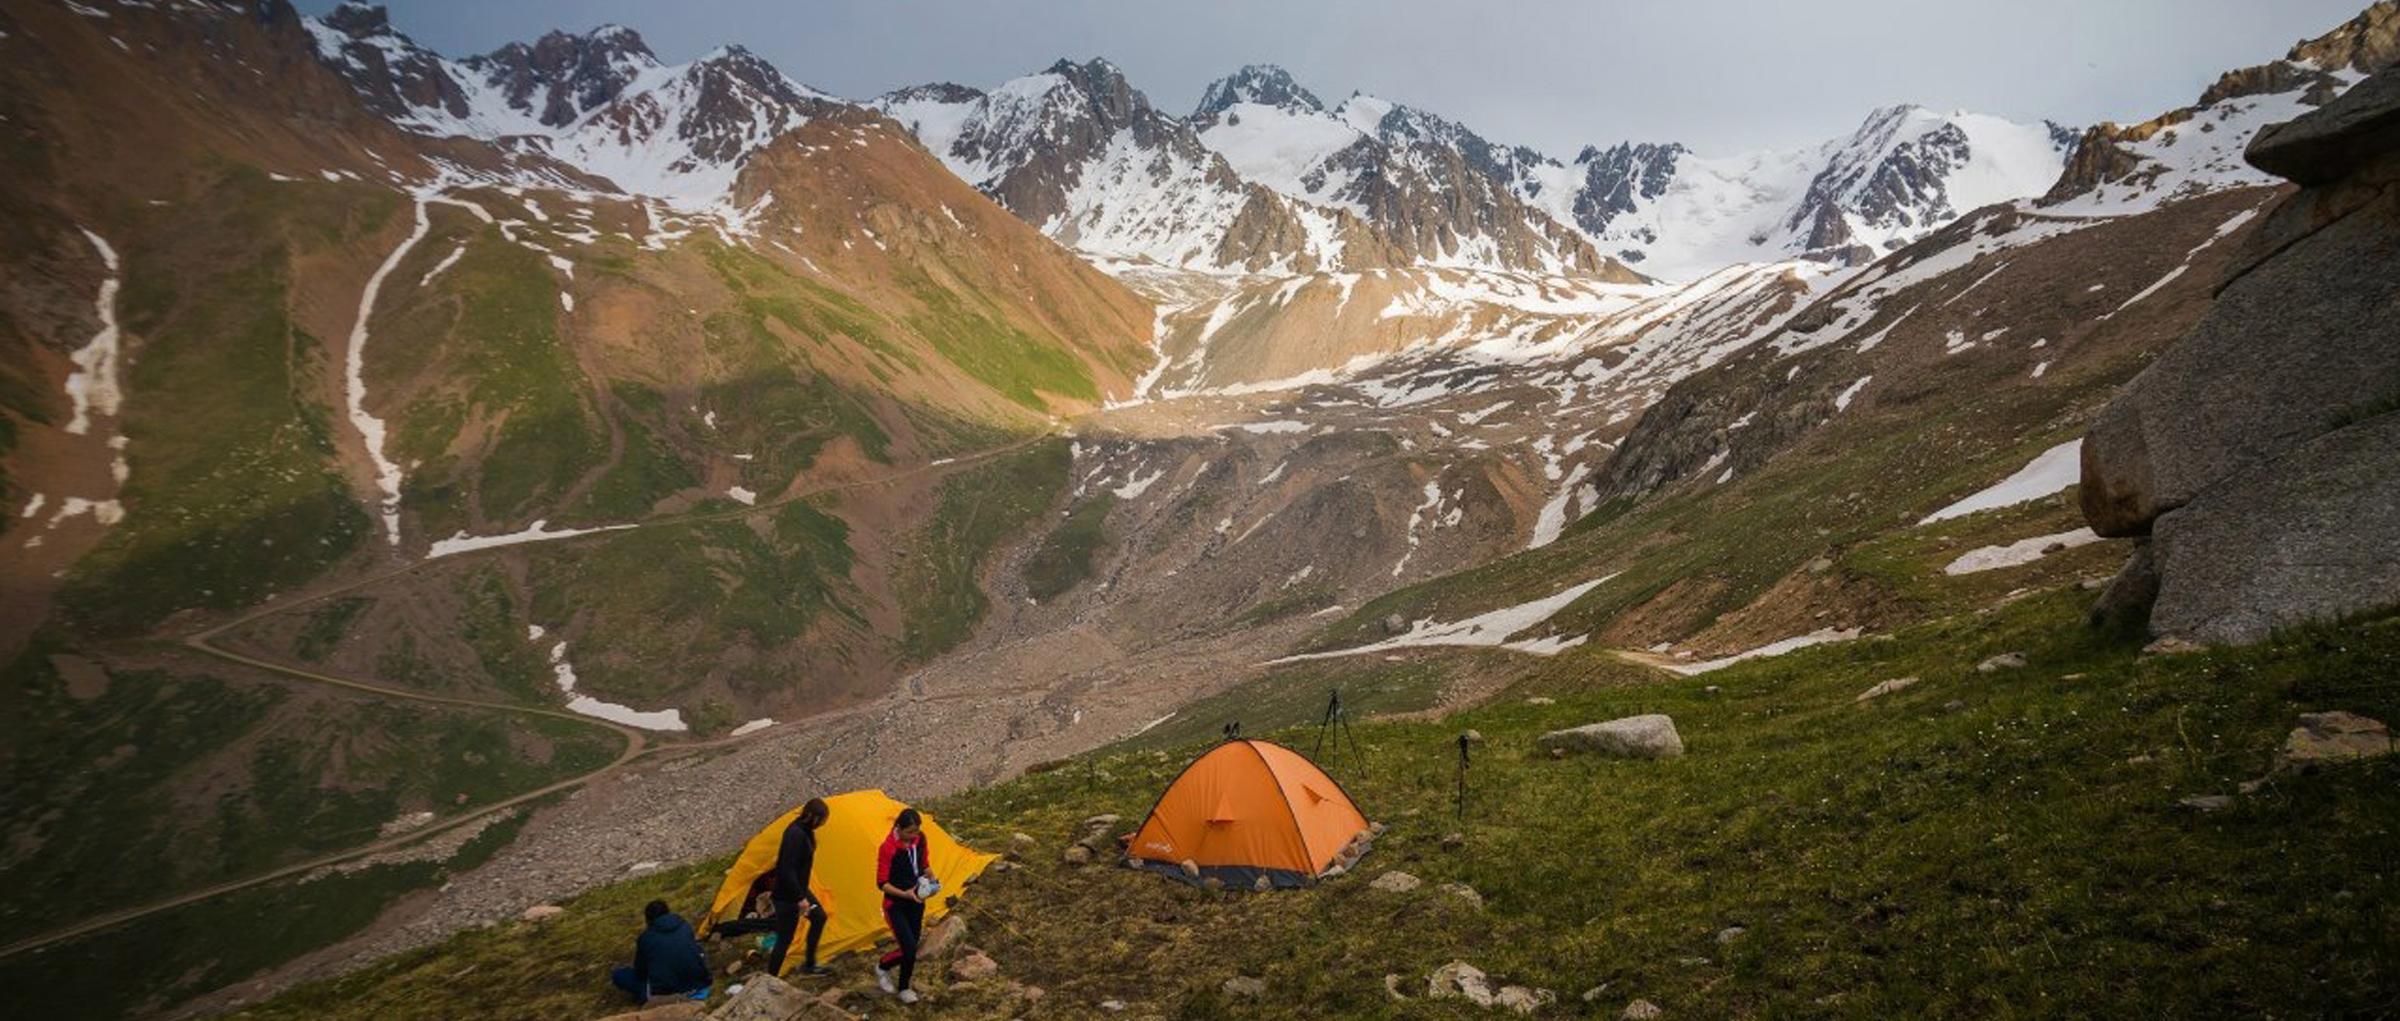 Міжнародна дитяча туристська експедиція в Казахстані